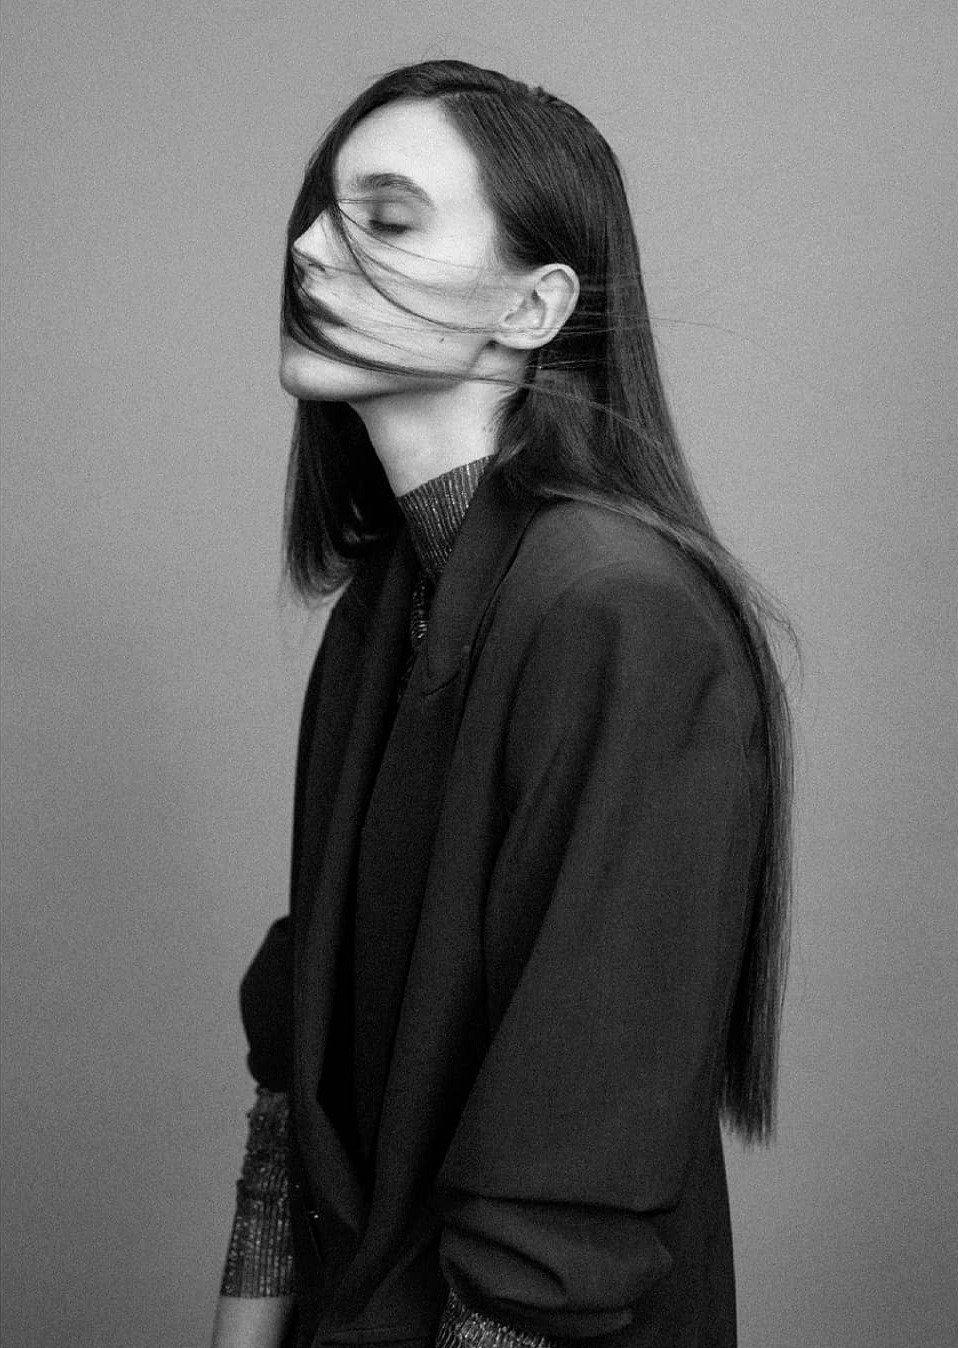 Model Ksenia Koval